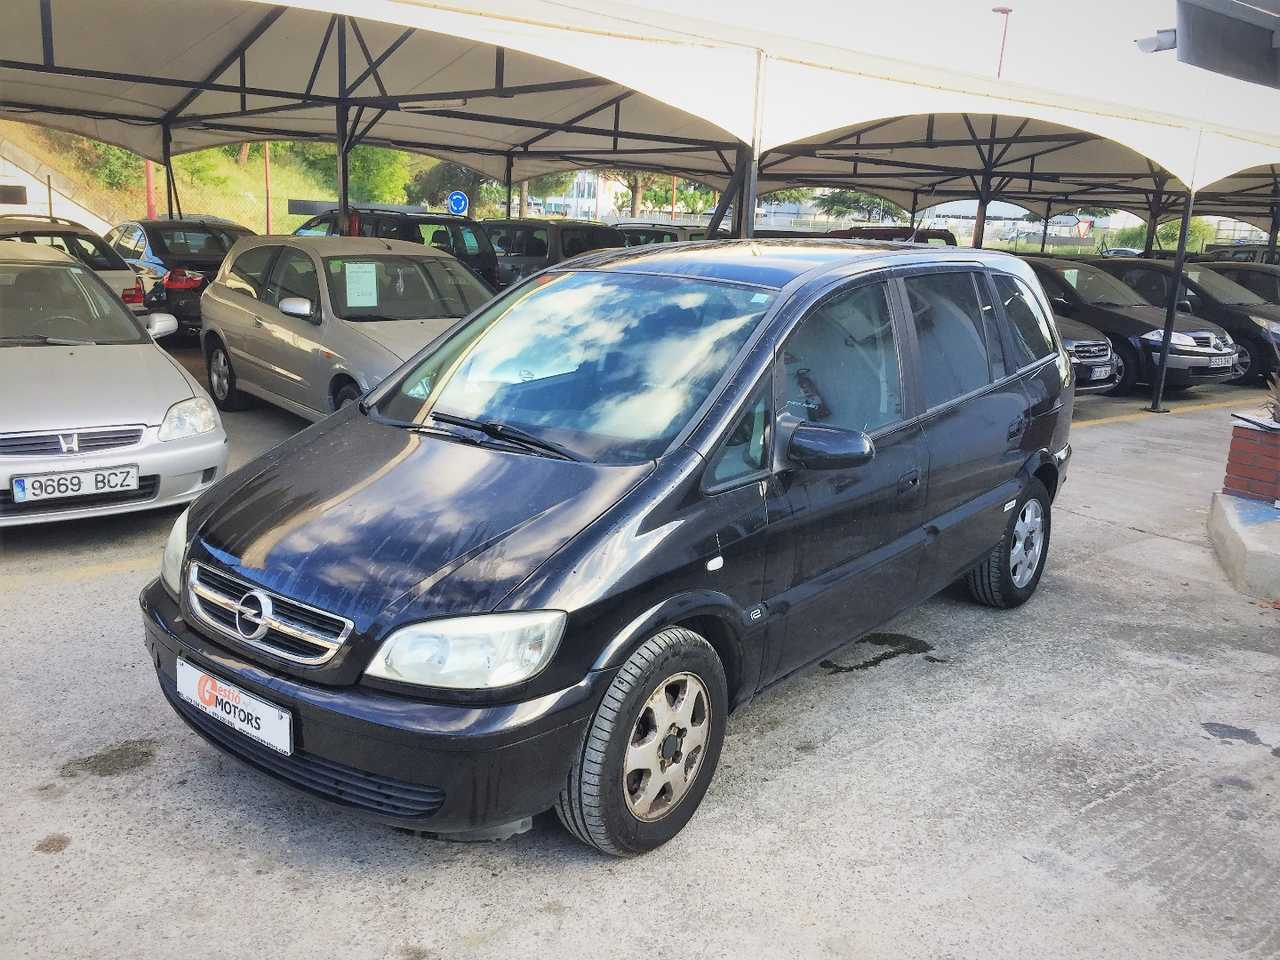 Opel zafira 2.0 TDI 7plazas   - Foto 1